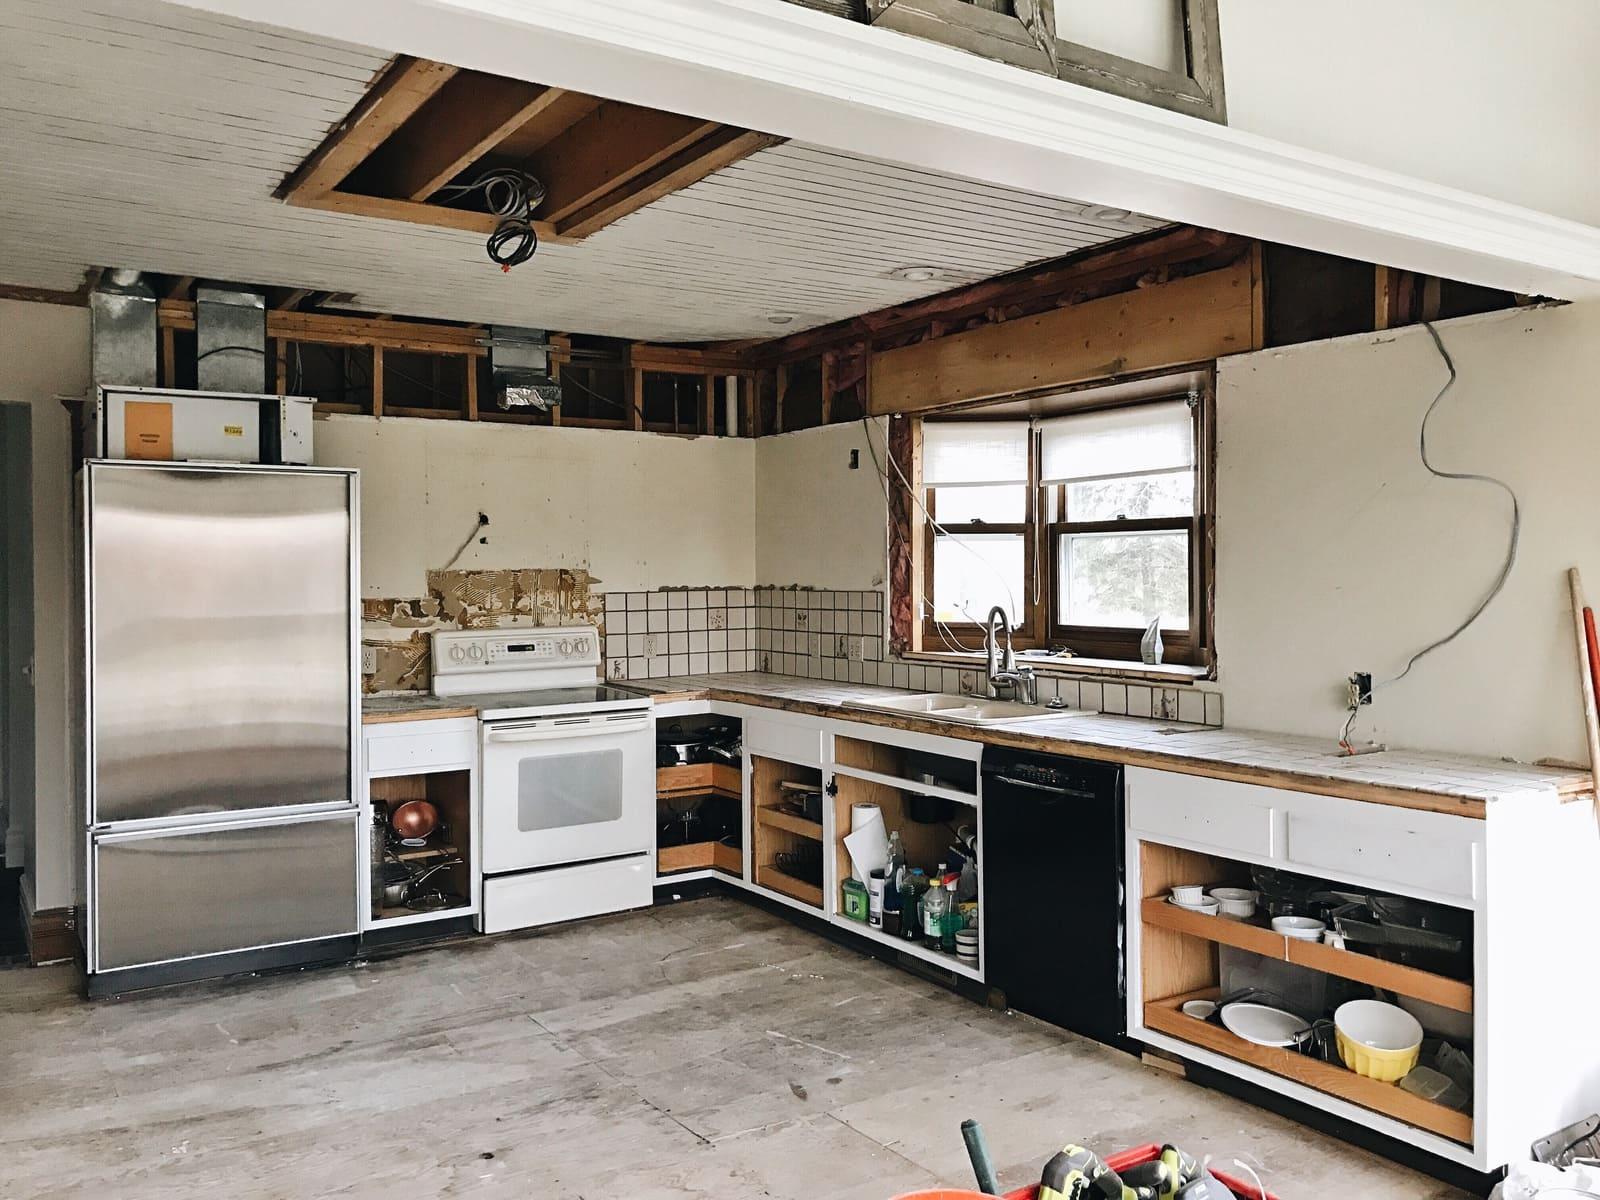 Kitchen Reno Update: Bye Bye Bulkhead!